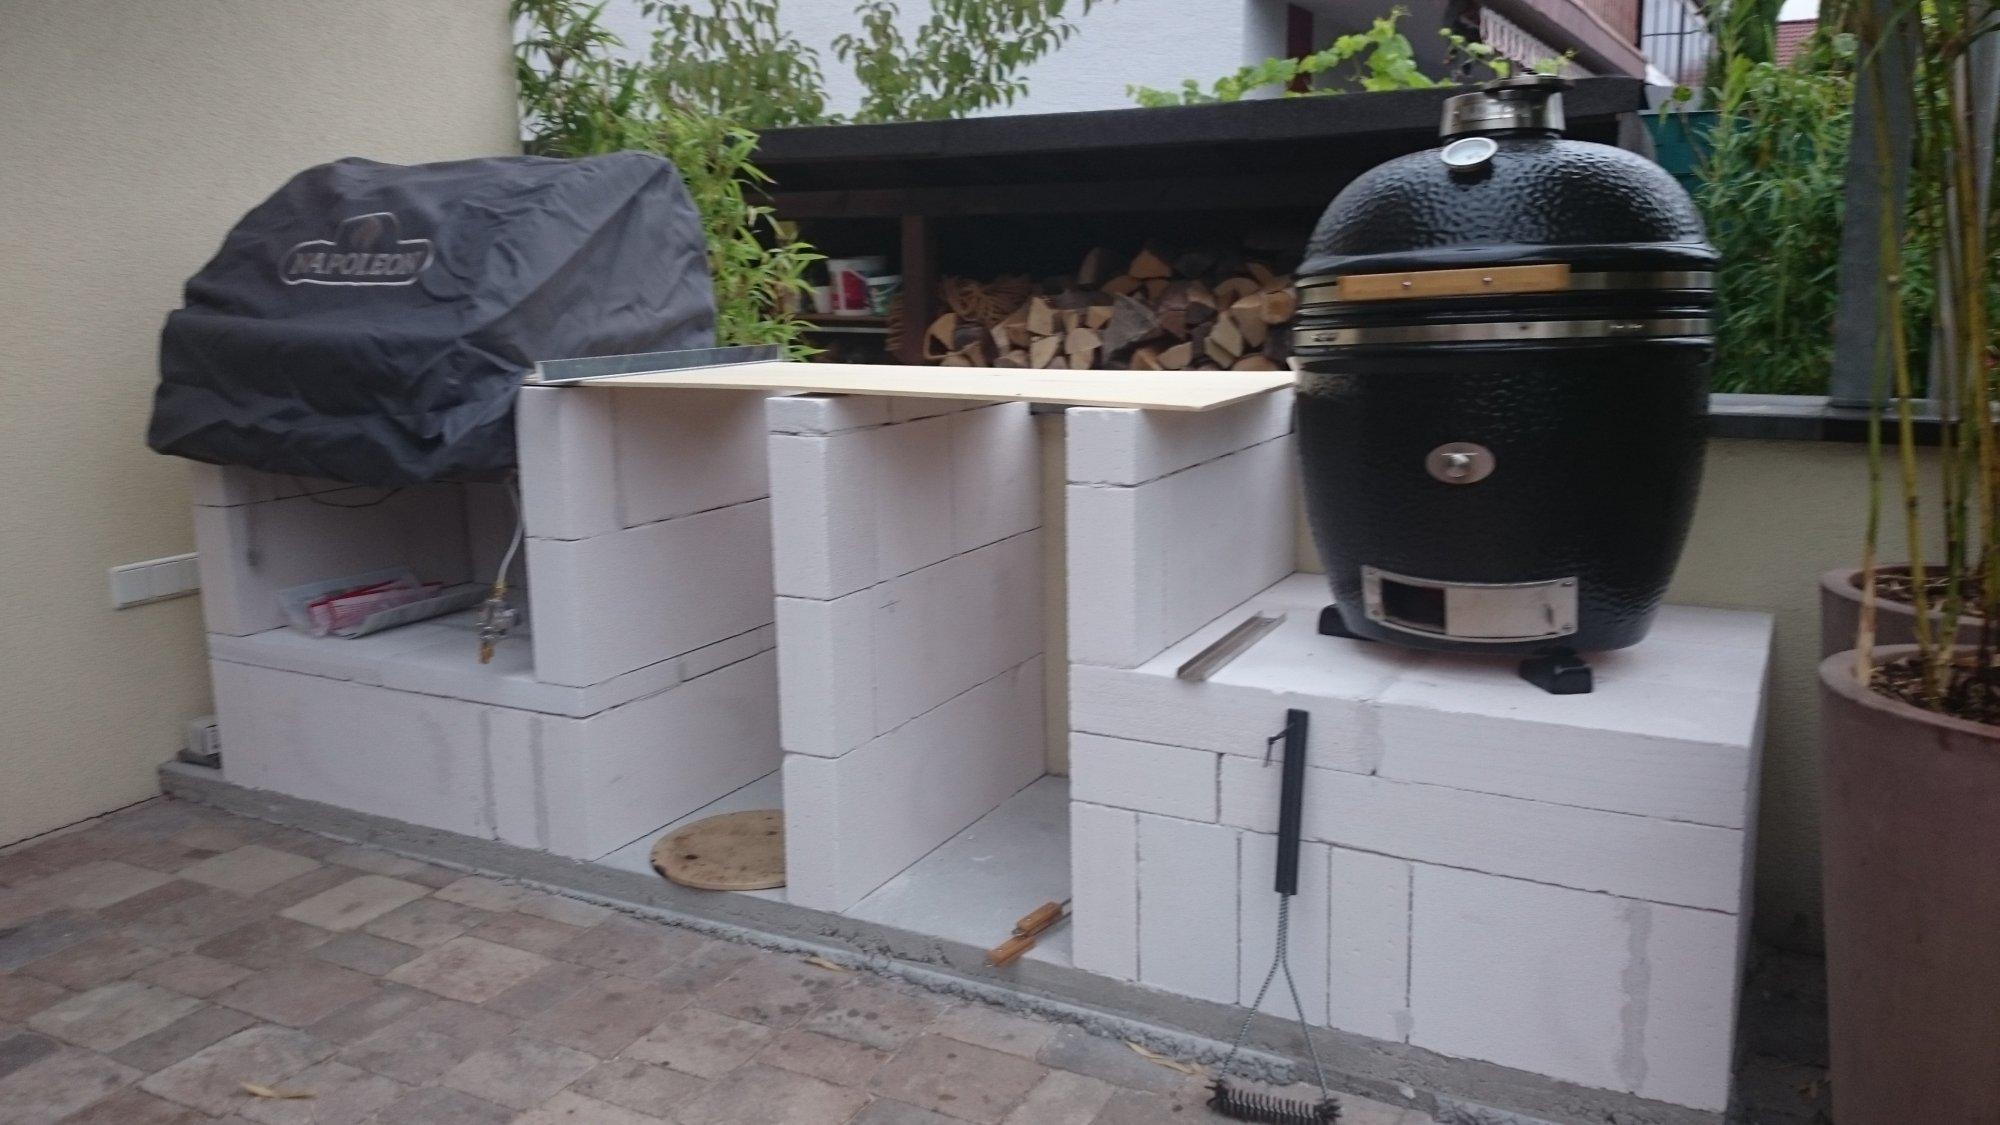 Outdoor Küche Edelstahl Türen : Kleine outdoorküche grillforum und bbq grillsportverein